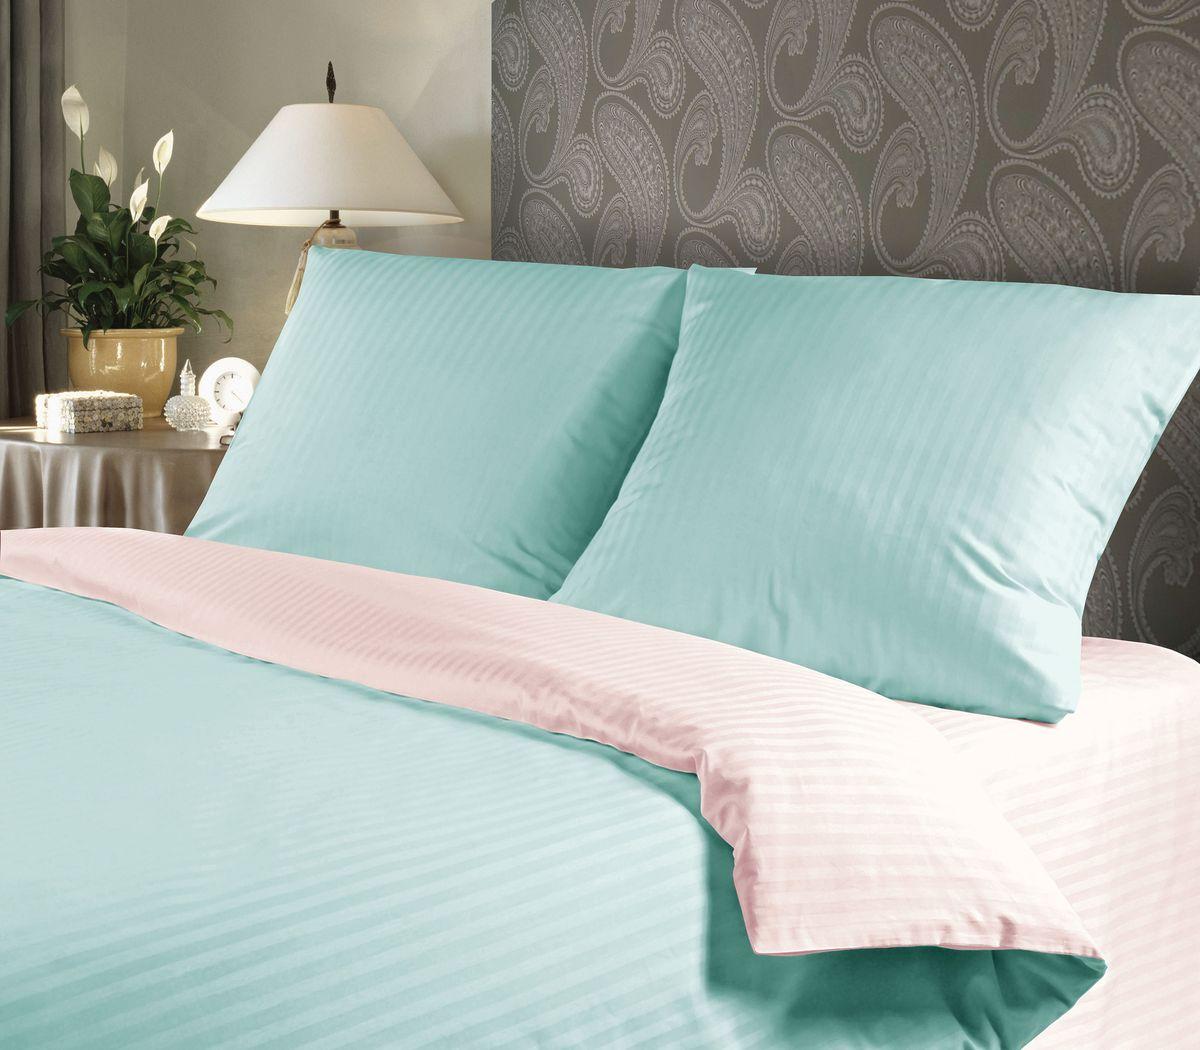 Комплект белья Verossa Sunset, 1,5-спальный, наволочки 70х70 комплект белья verossa delis 1 5 спальный наволочки 70х70